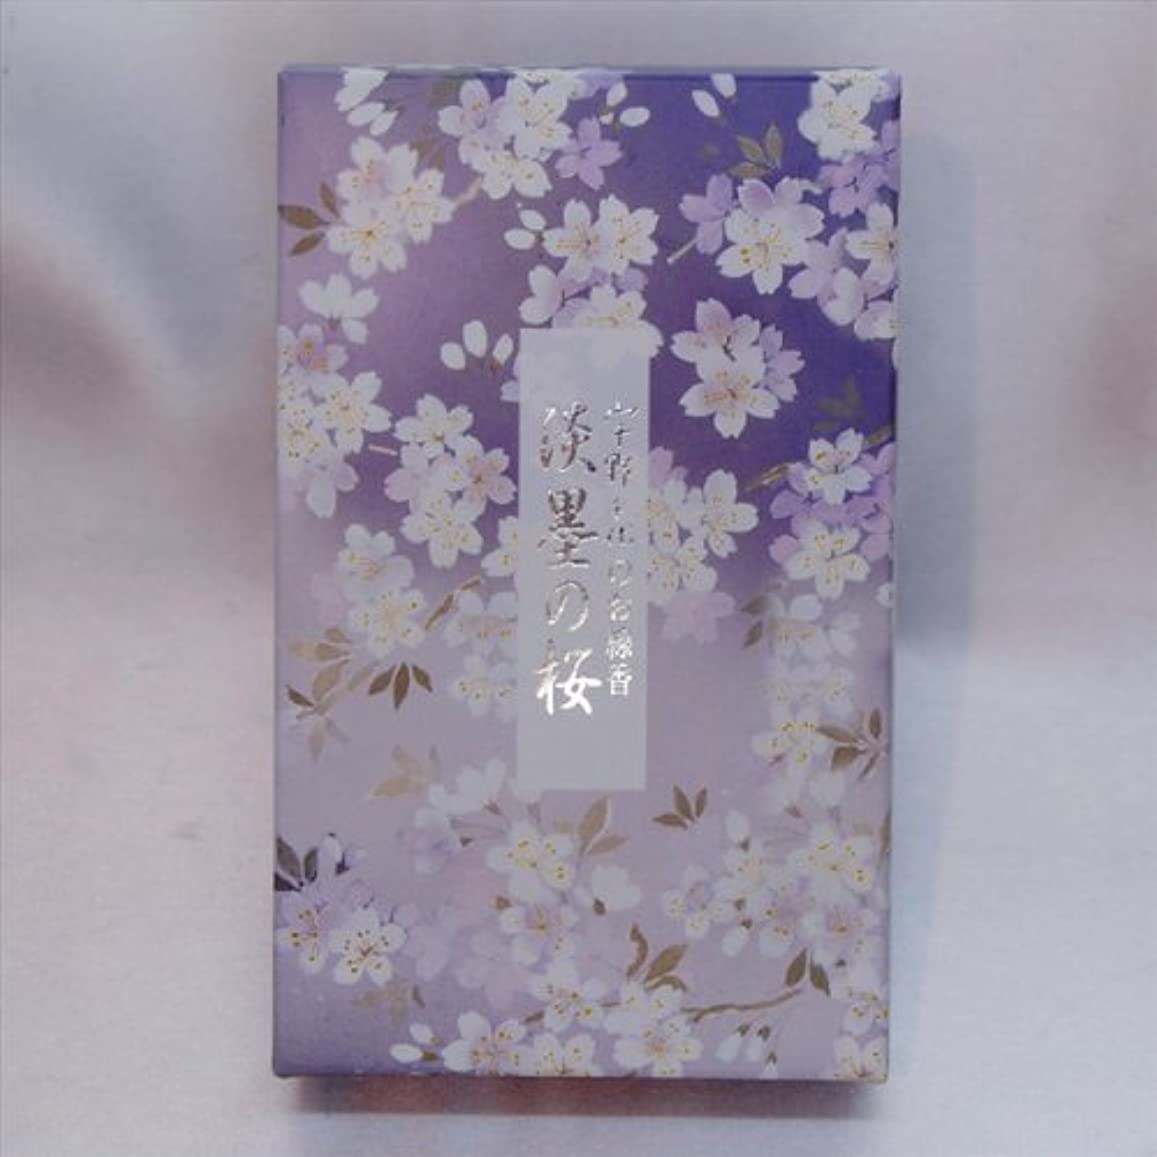 未払い排泄物レモン線香 【淡墨の桜】 煙の少ない お線香 微煙香